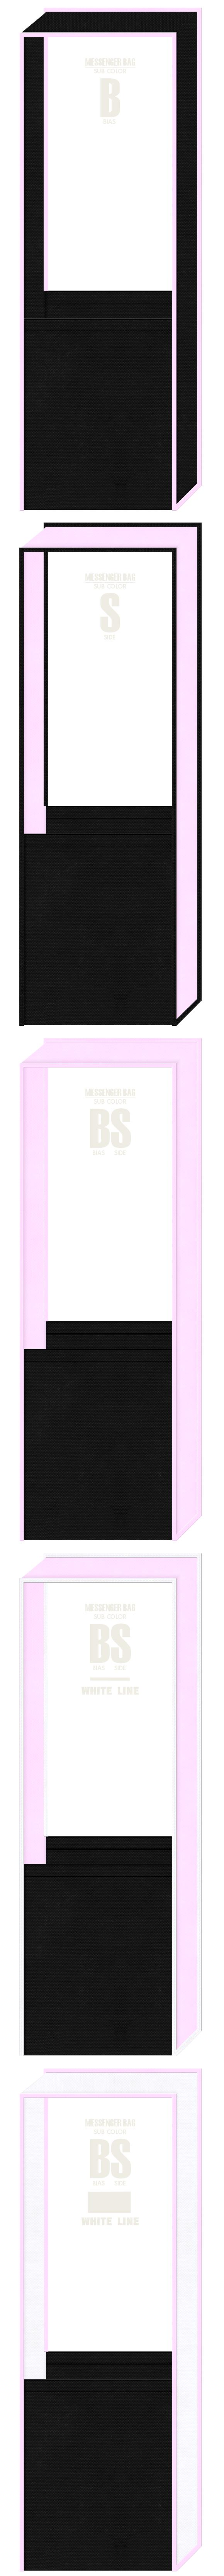 不織布メッセンジャーバッグのカラーシミュレーション(黒色・パステルピンク色・白色):スポーツイベントにお奨めです。